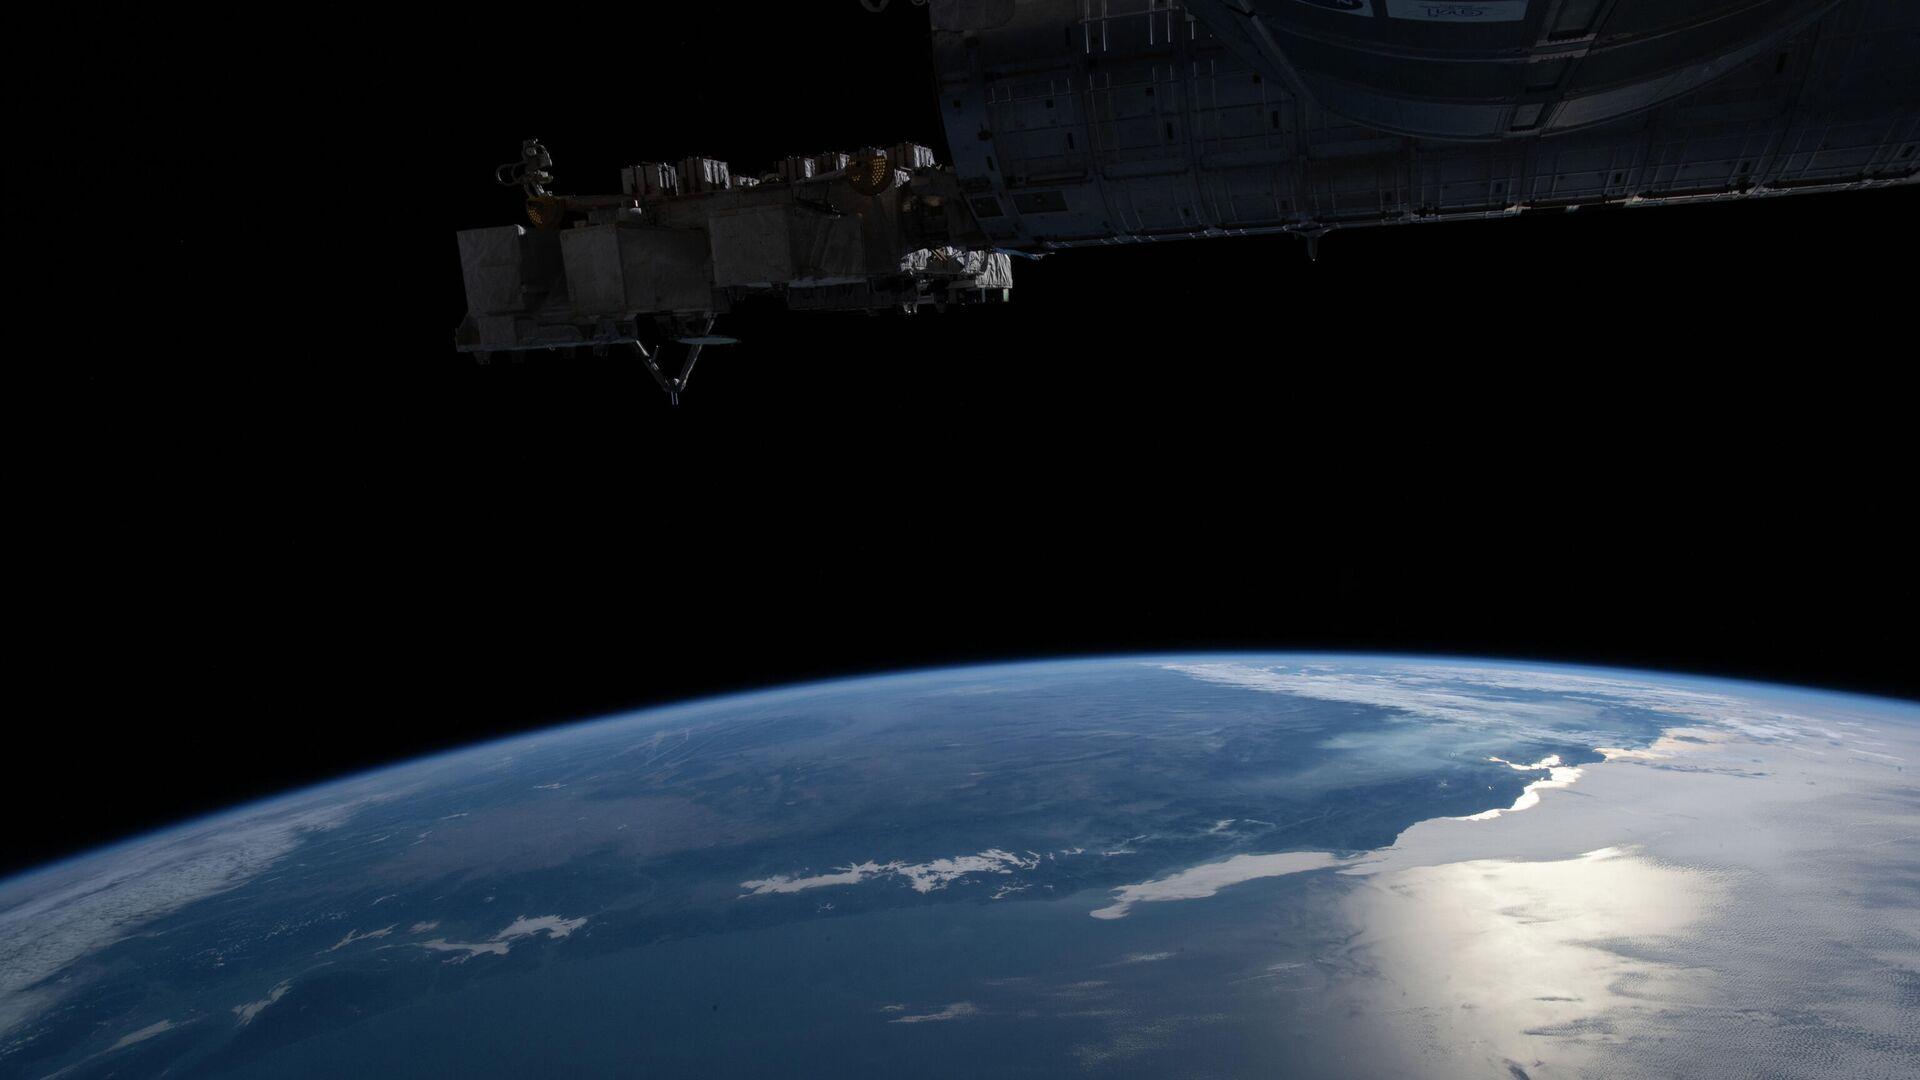 Залив Сан-Франциско с борта Международной космической станции - РИА Новости, 1920, 12.12.2020